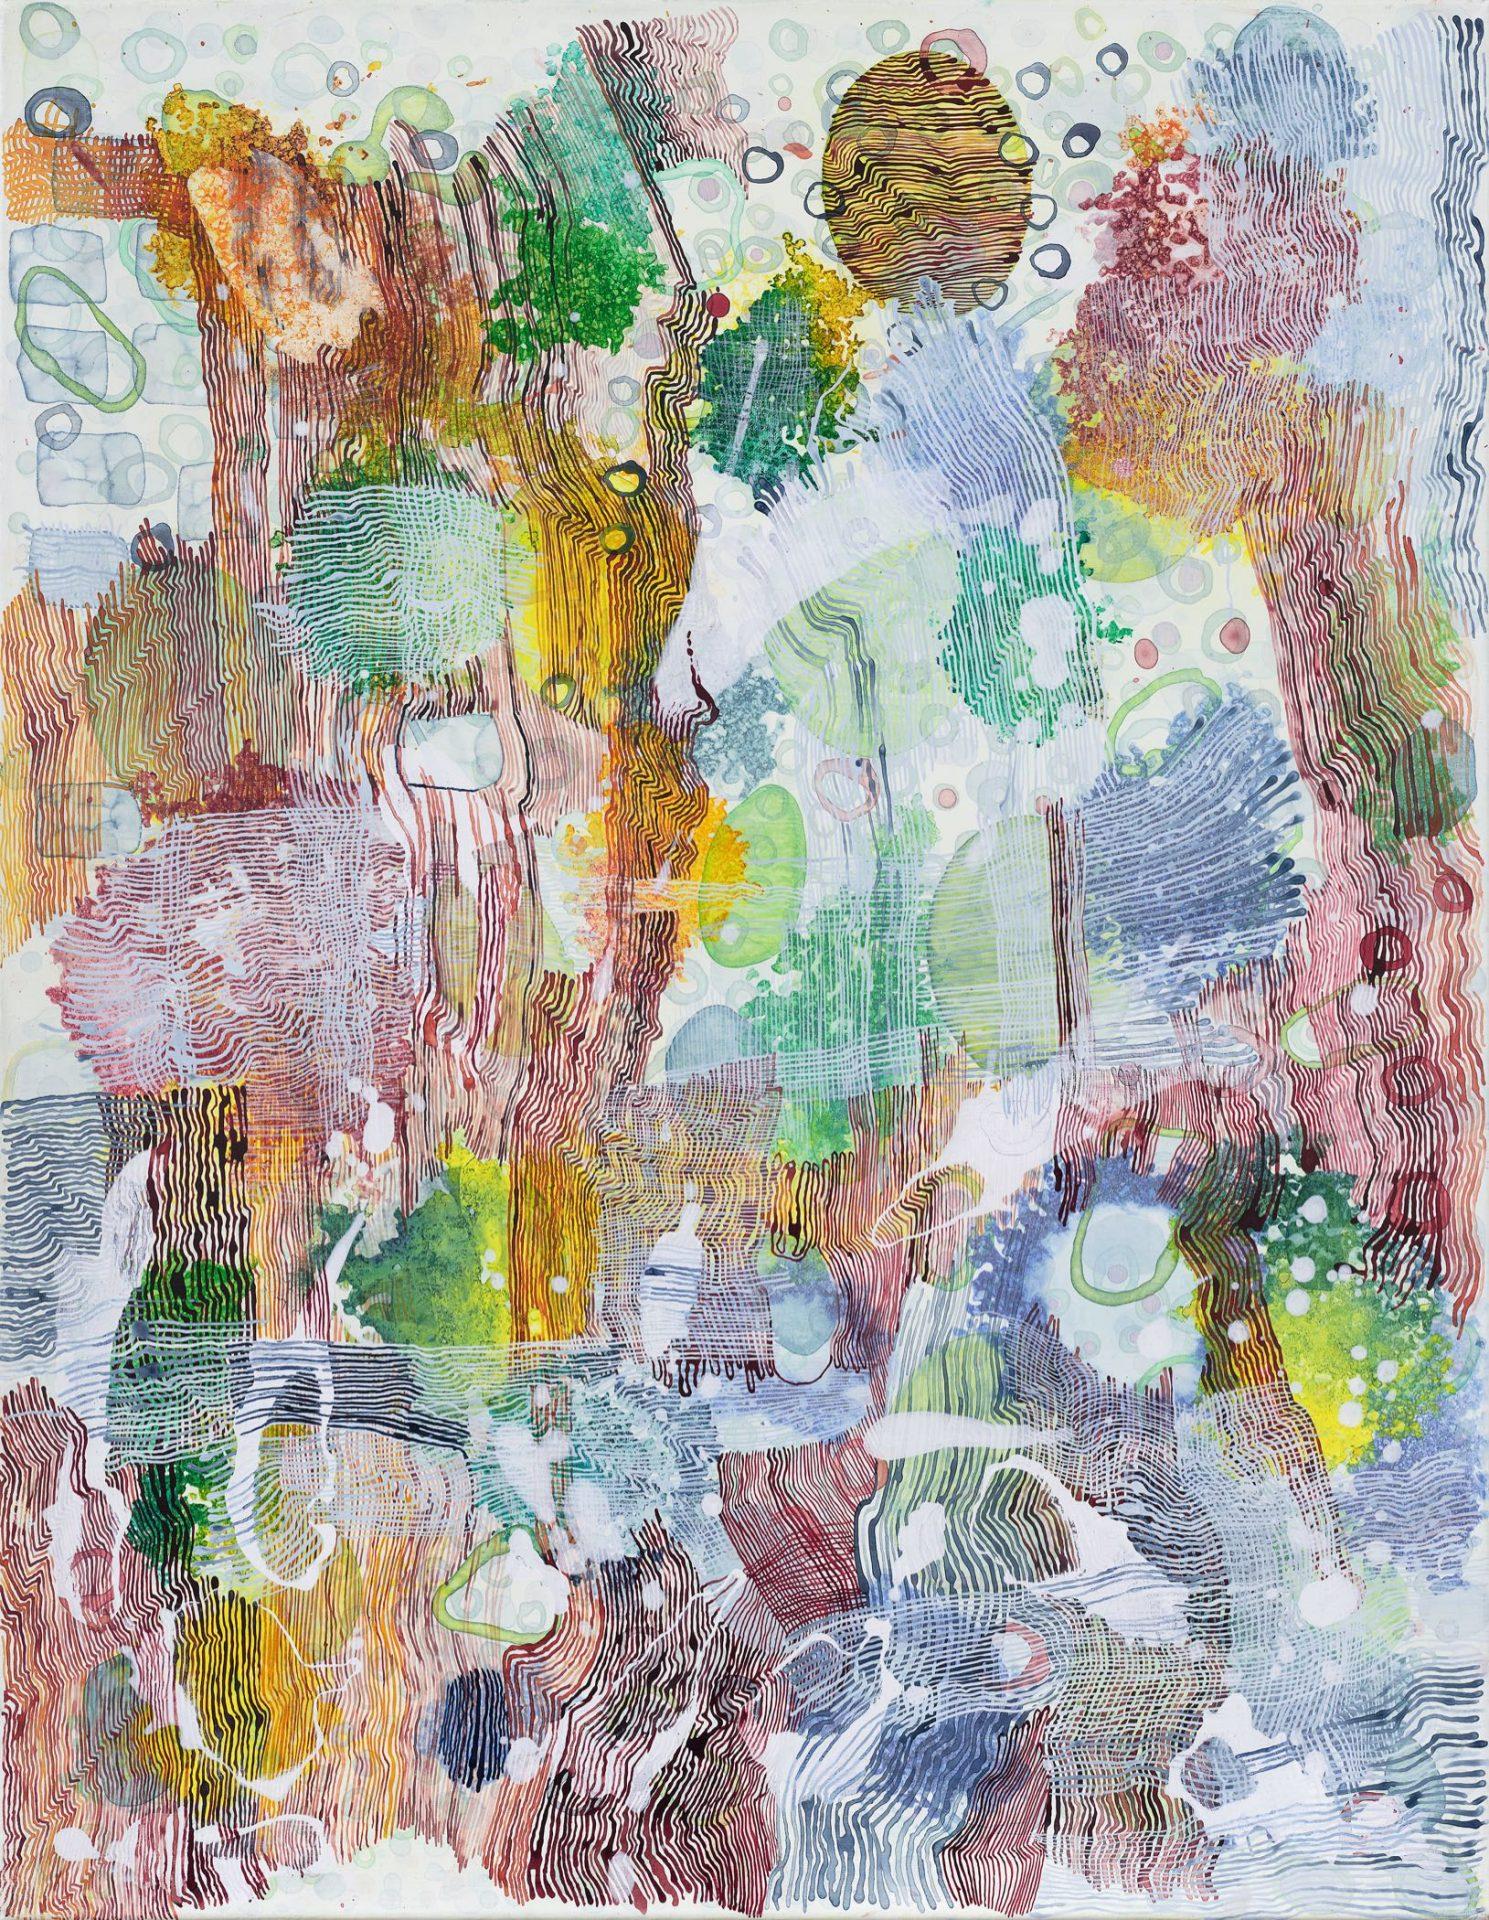 Acrylic On Canvas 100x70cm